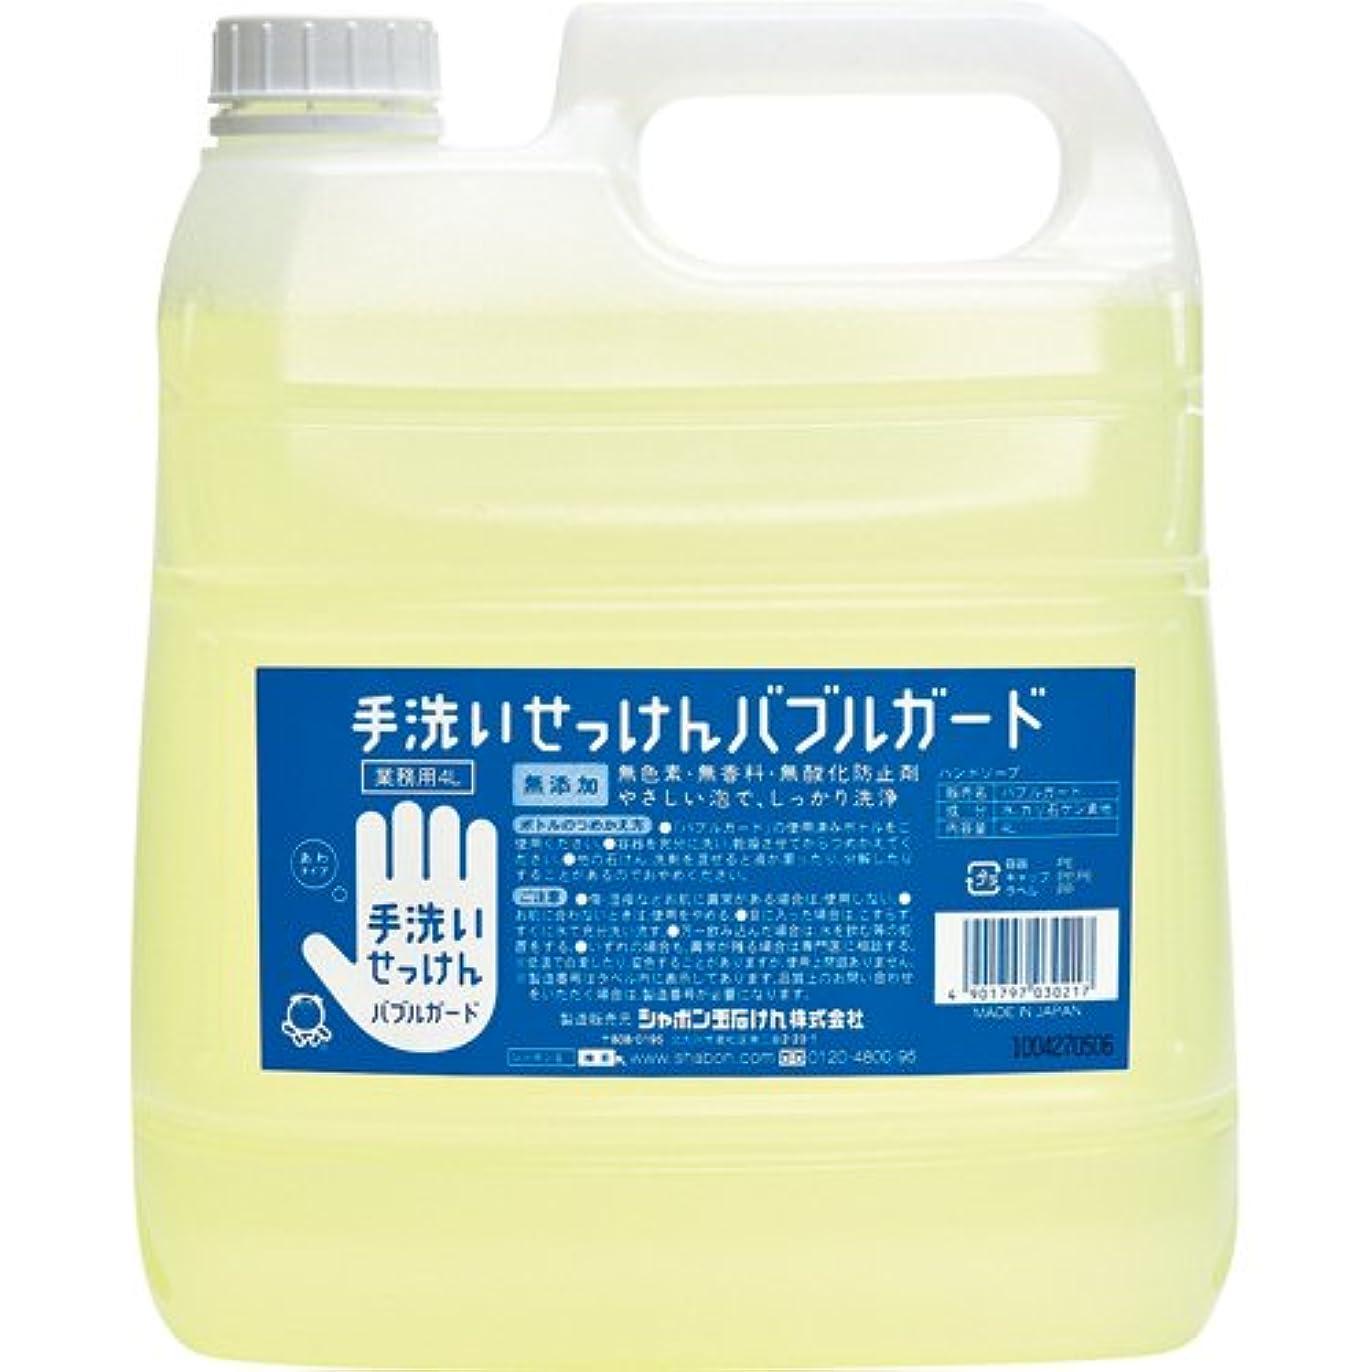 怖がって死ぬ助手部門[シャボン玉石けん 1692542] (ケア商品)手洗いせっけん バブルガード 泡タイプ 業務用 4L